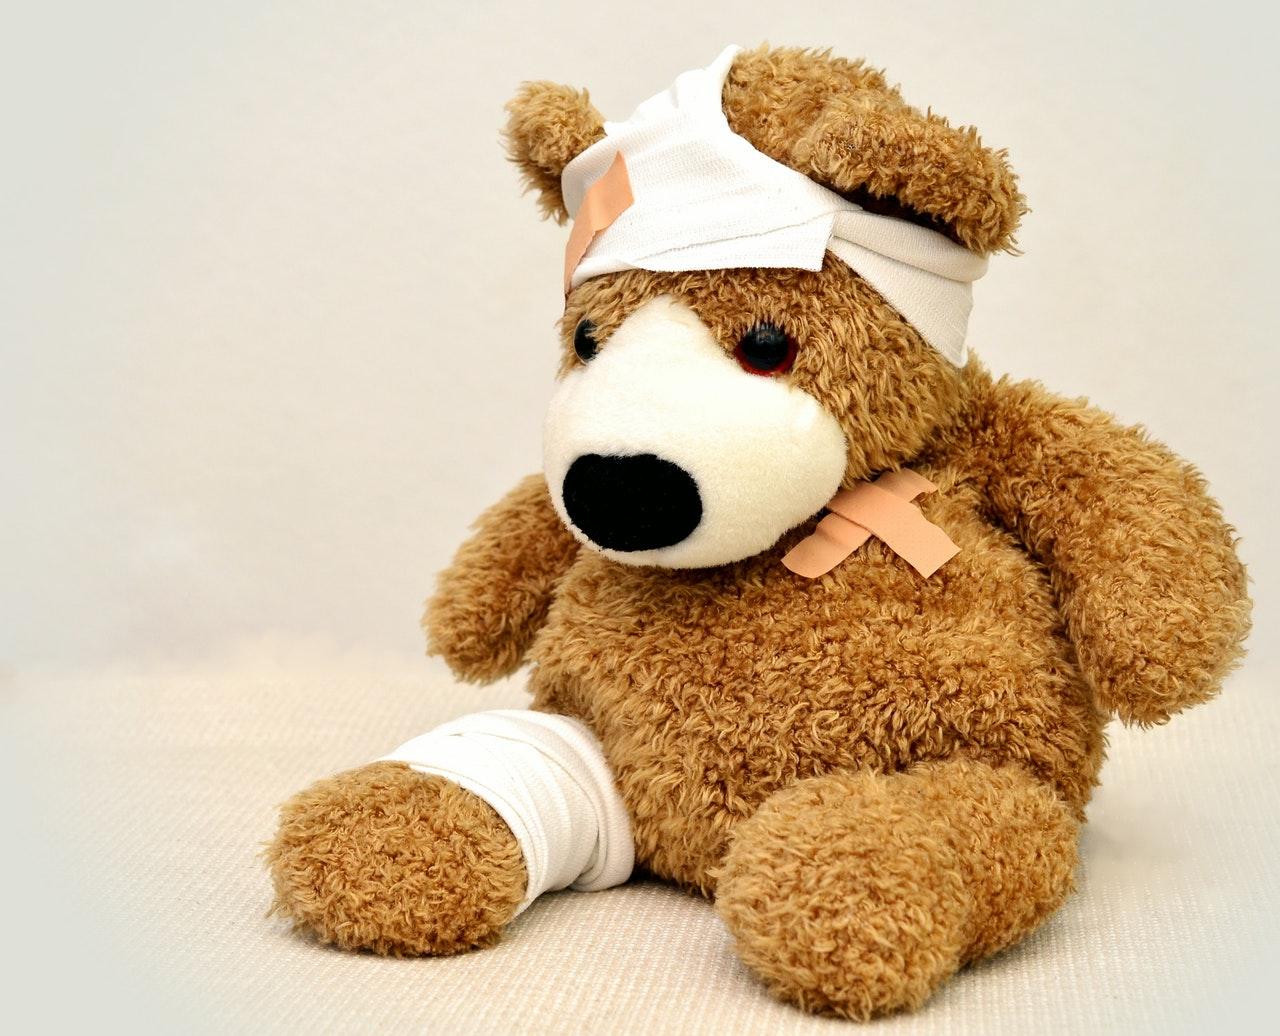 Visszérrel, kihez menjen - Orvos válaszol | petnehazy.hu